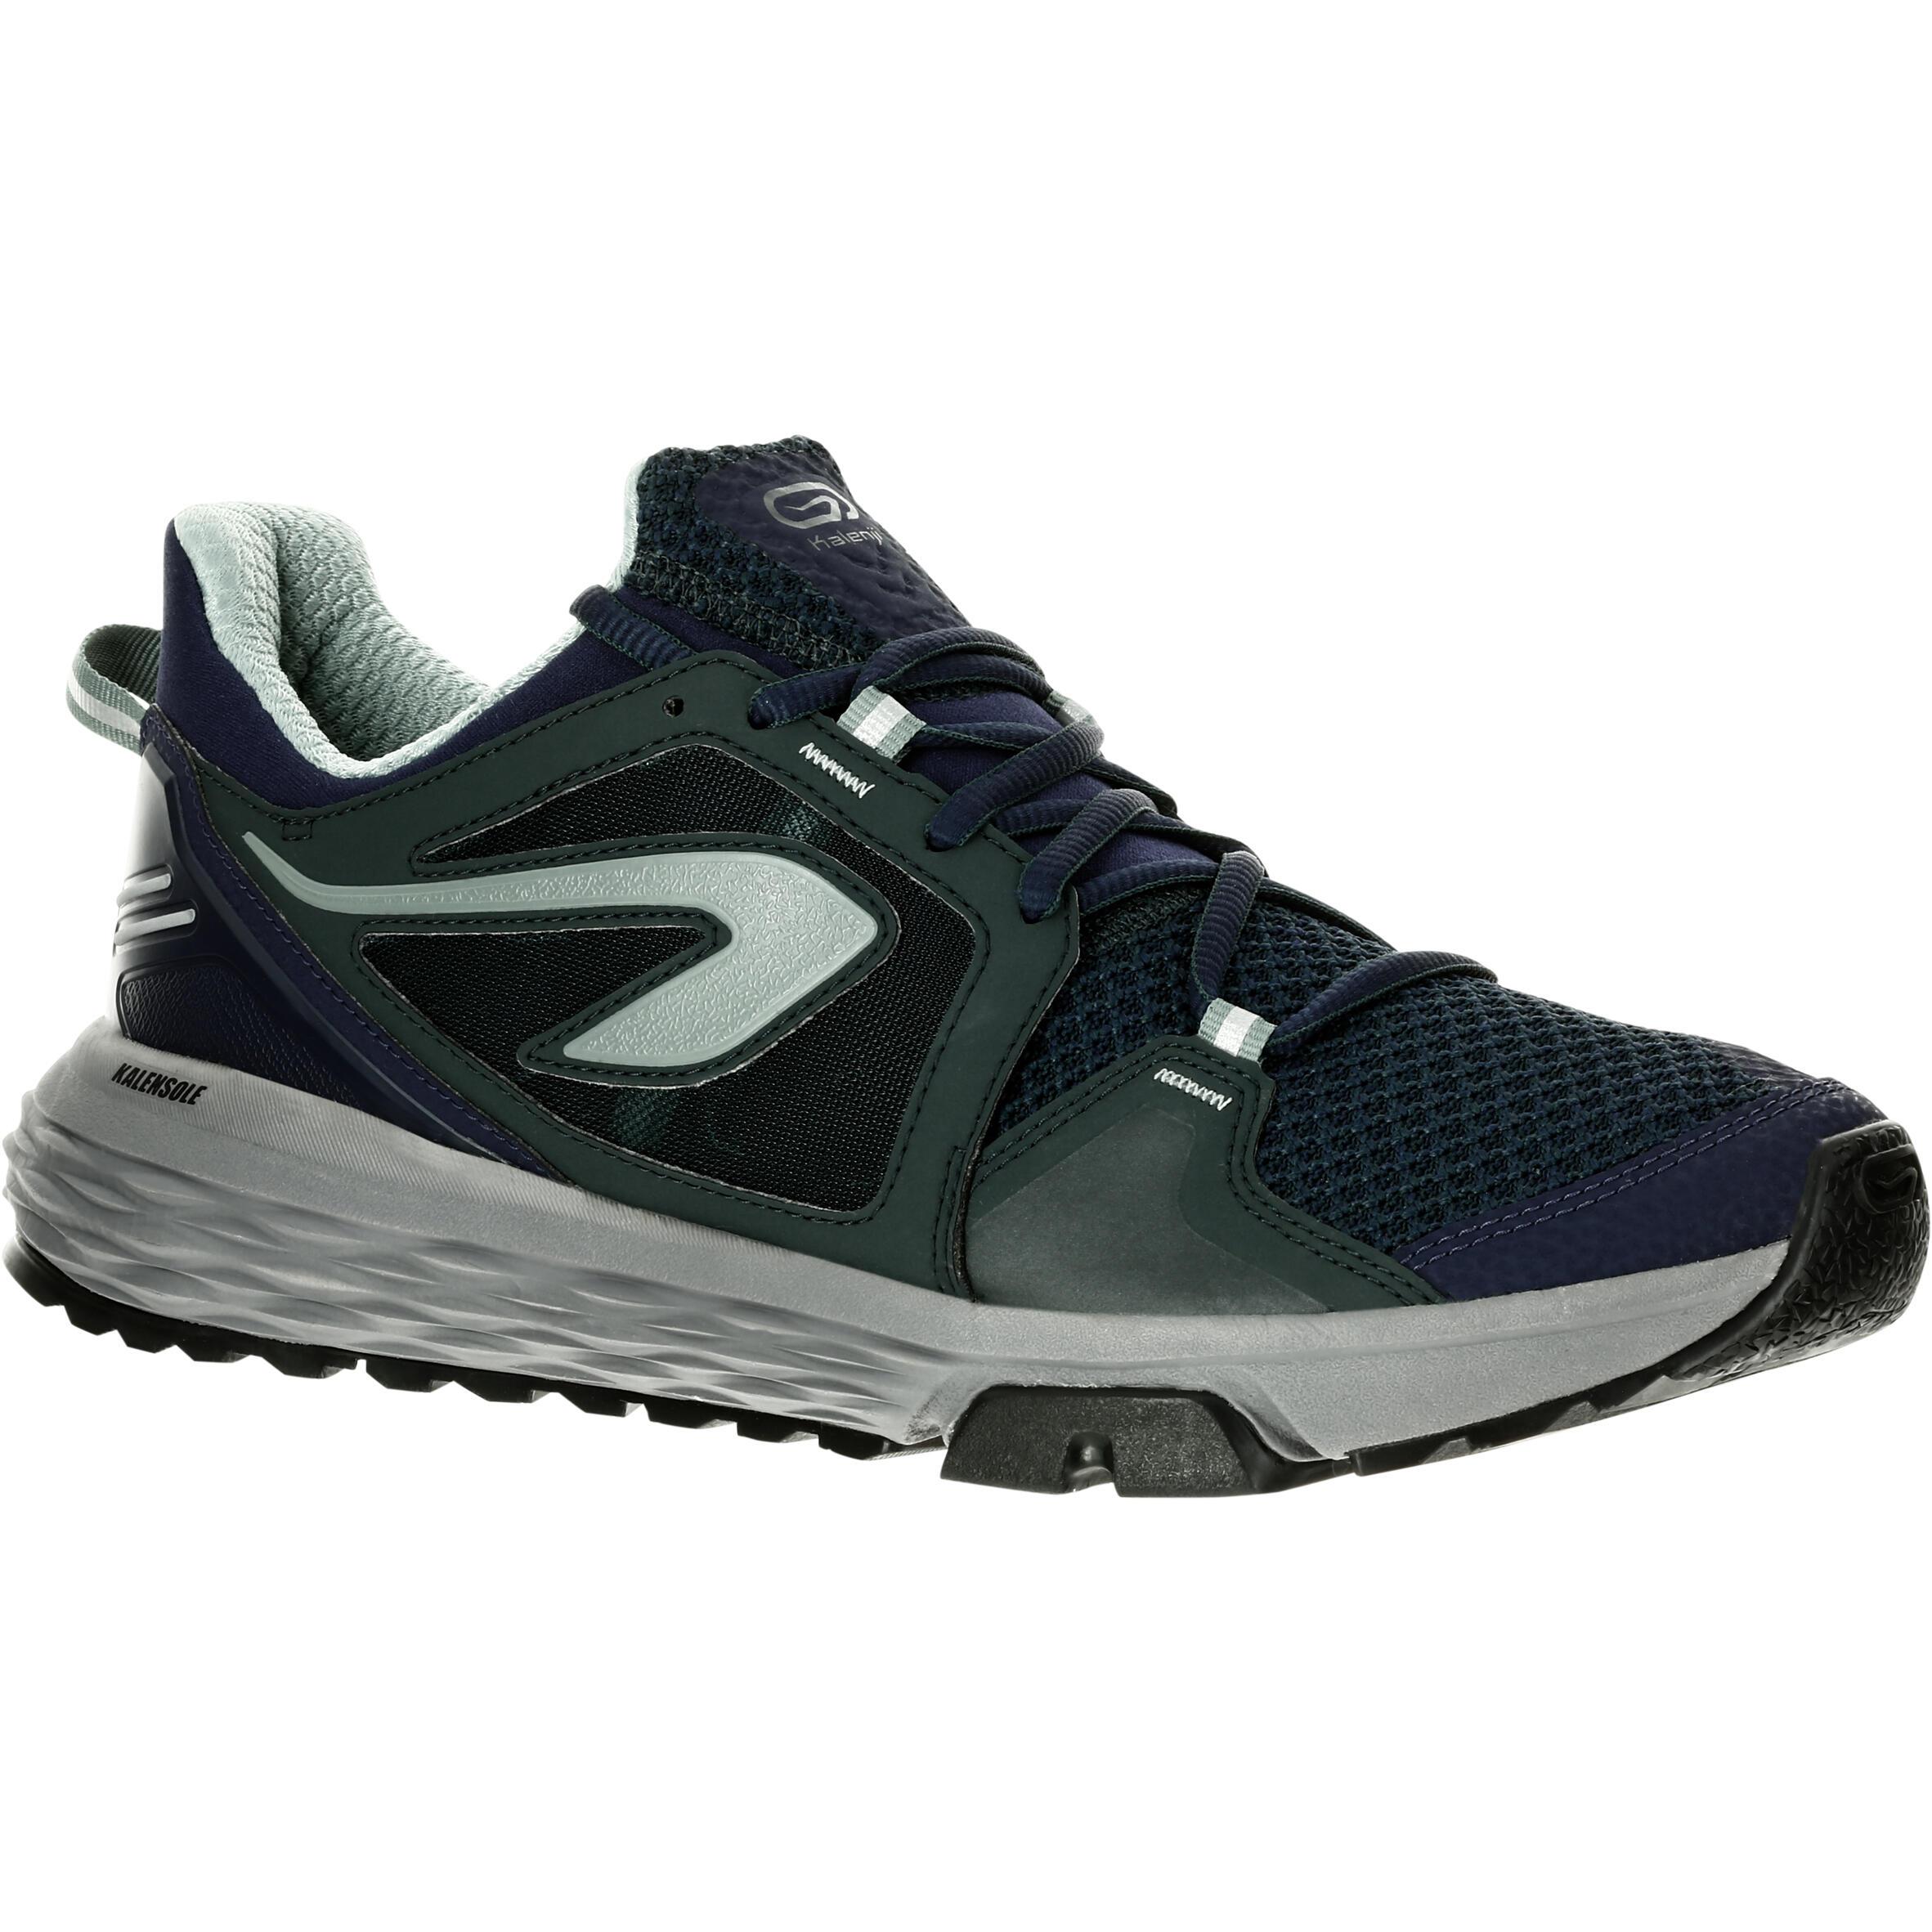 fe802145e65 Kalenji Loopschoenen voor heren Run Comfort Grip groen 2502543 Alles voor  het hardlopen Hardlopen